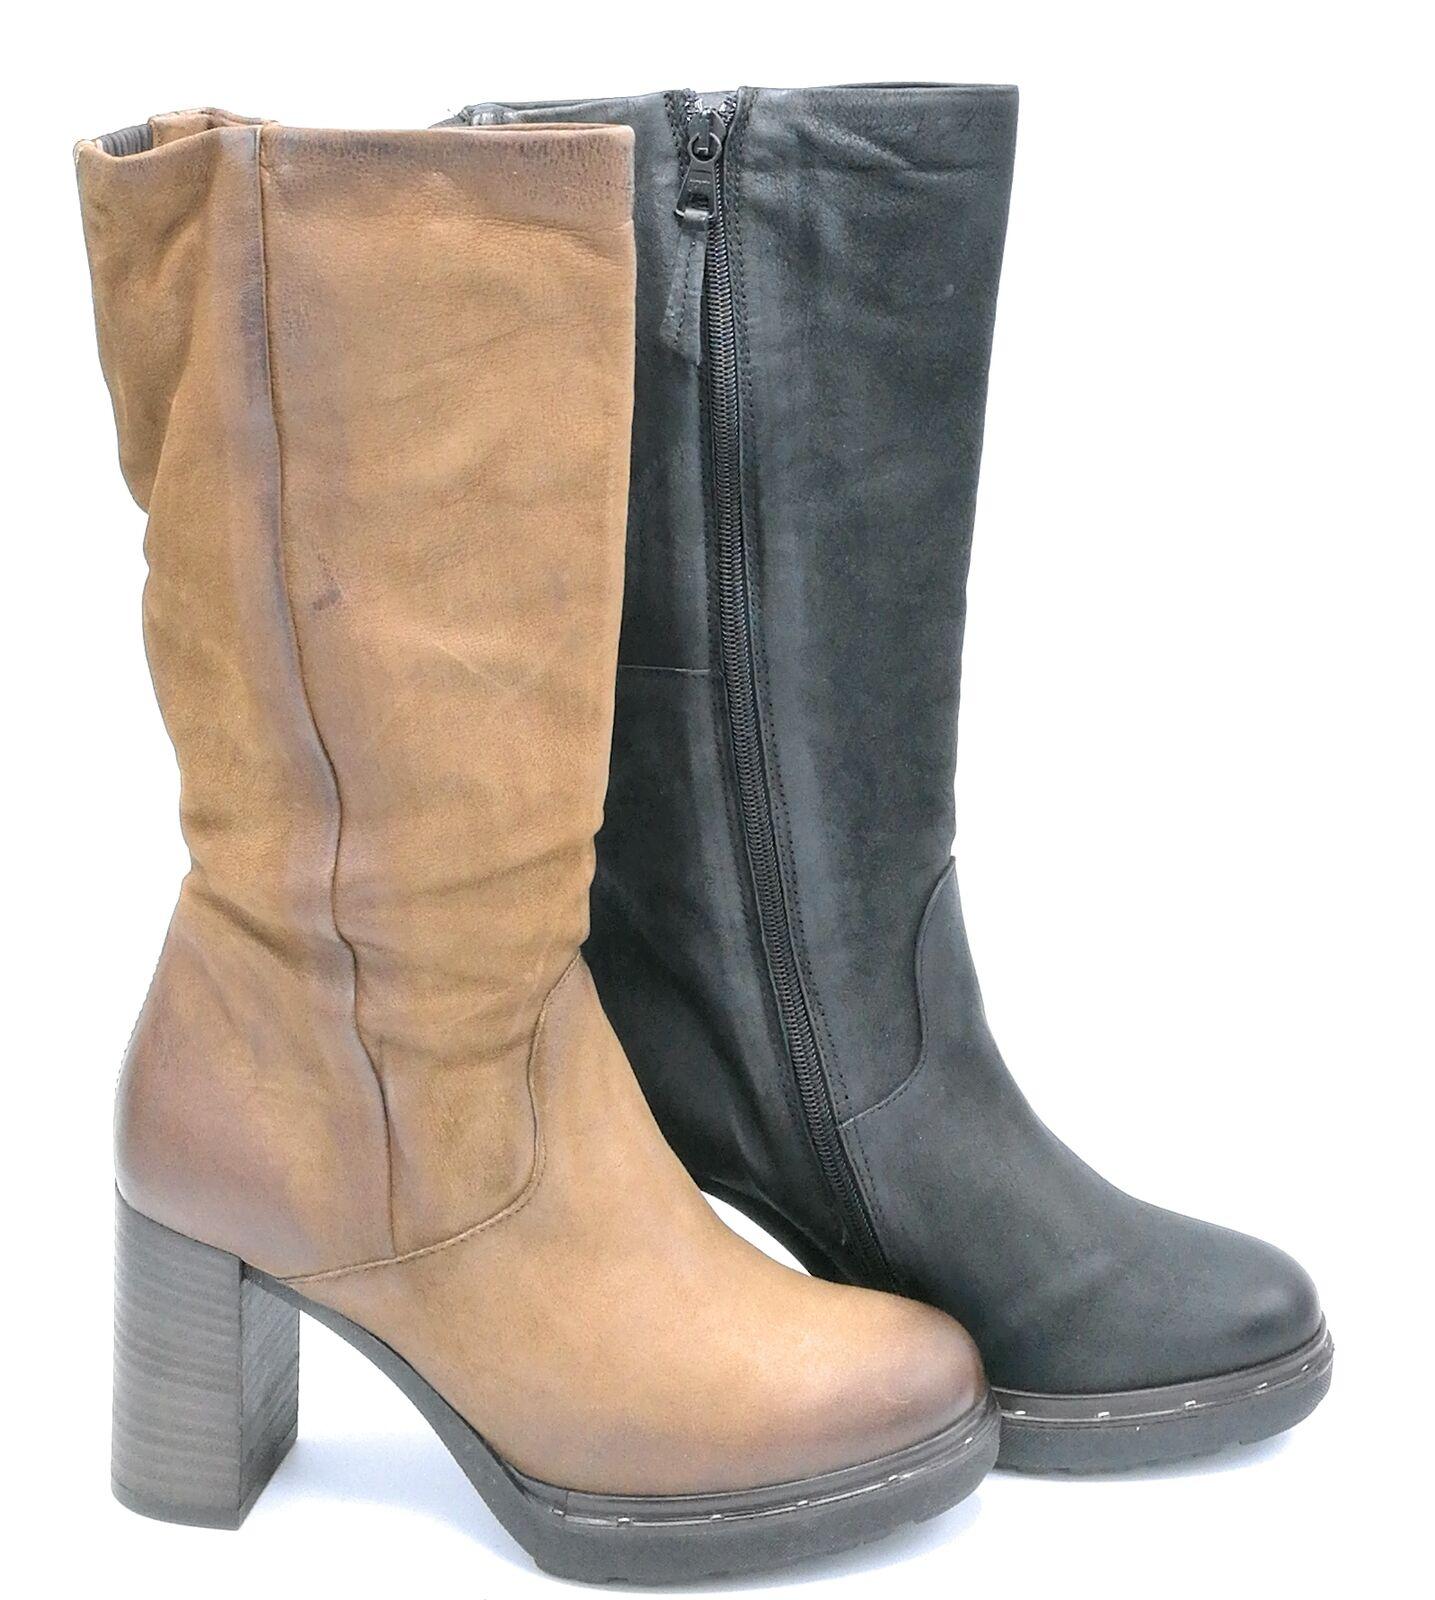 la migliore offerta del negozio online Mjus 299320 stivale pelle cogna     nero tacco 9 cm  offerta speciale